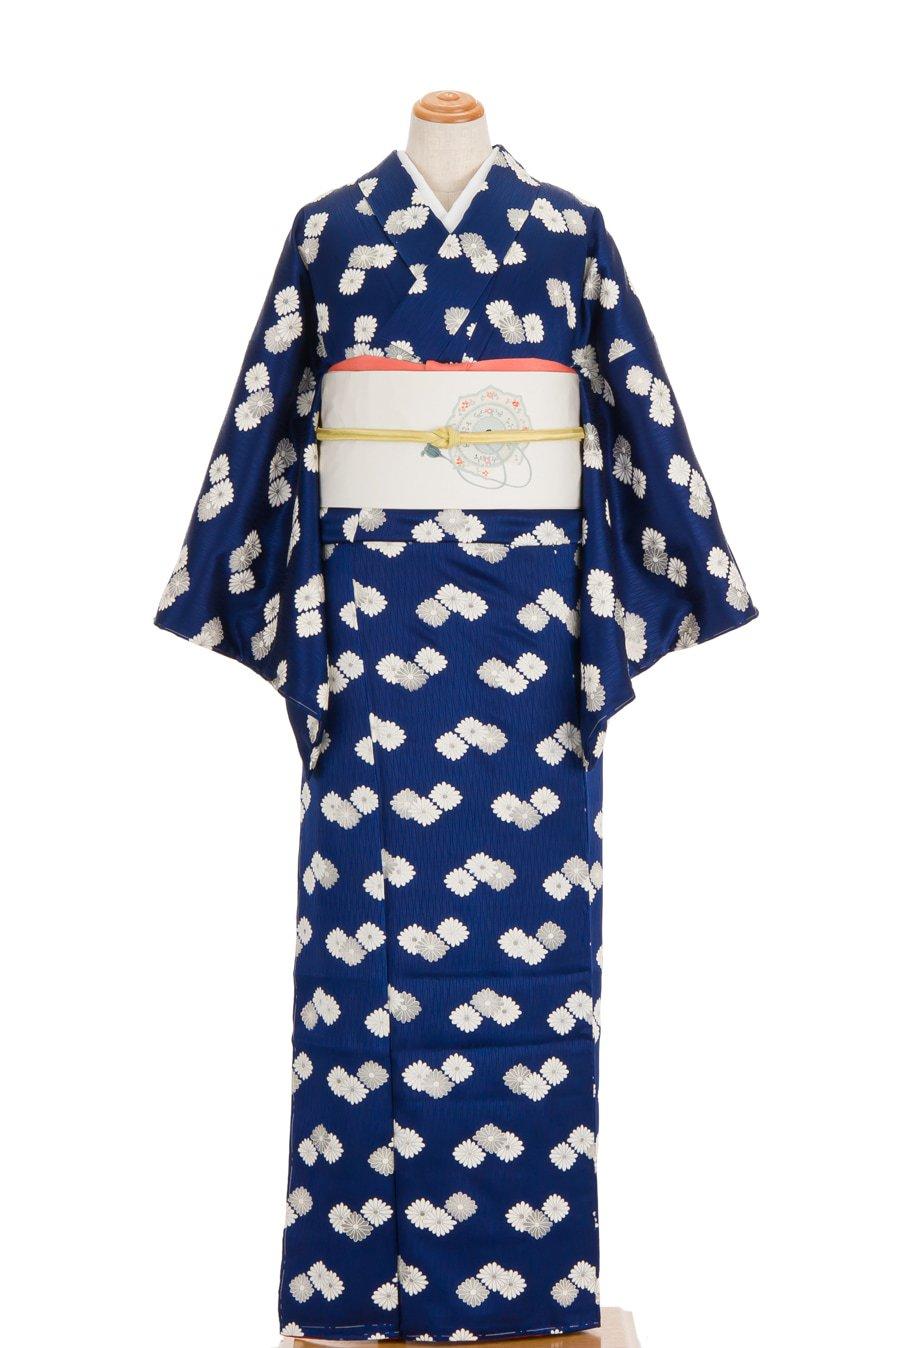 「白い菊の菱模様」の商品画像